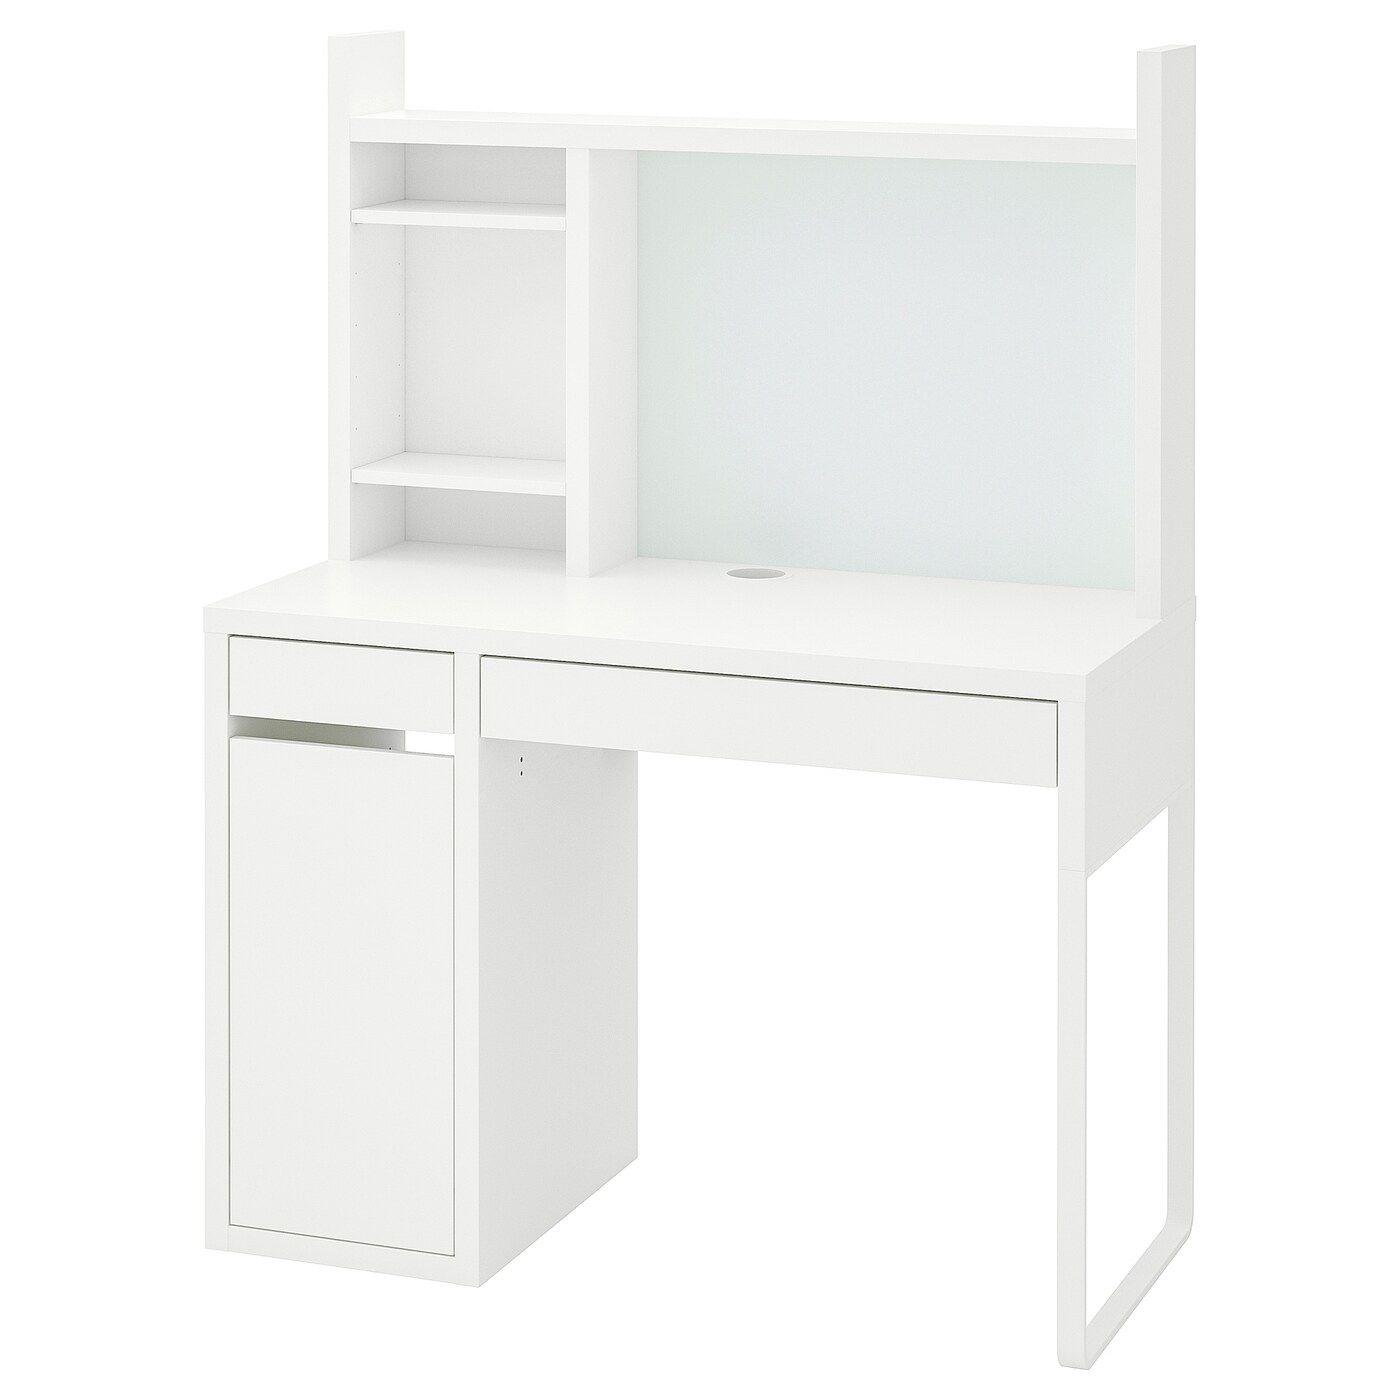 Scrivania Con Cassettiera Ikea micke radni stol - bijela 105x50 cm nel 2020 (con immagini